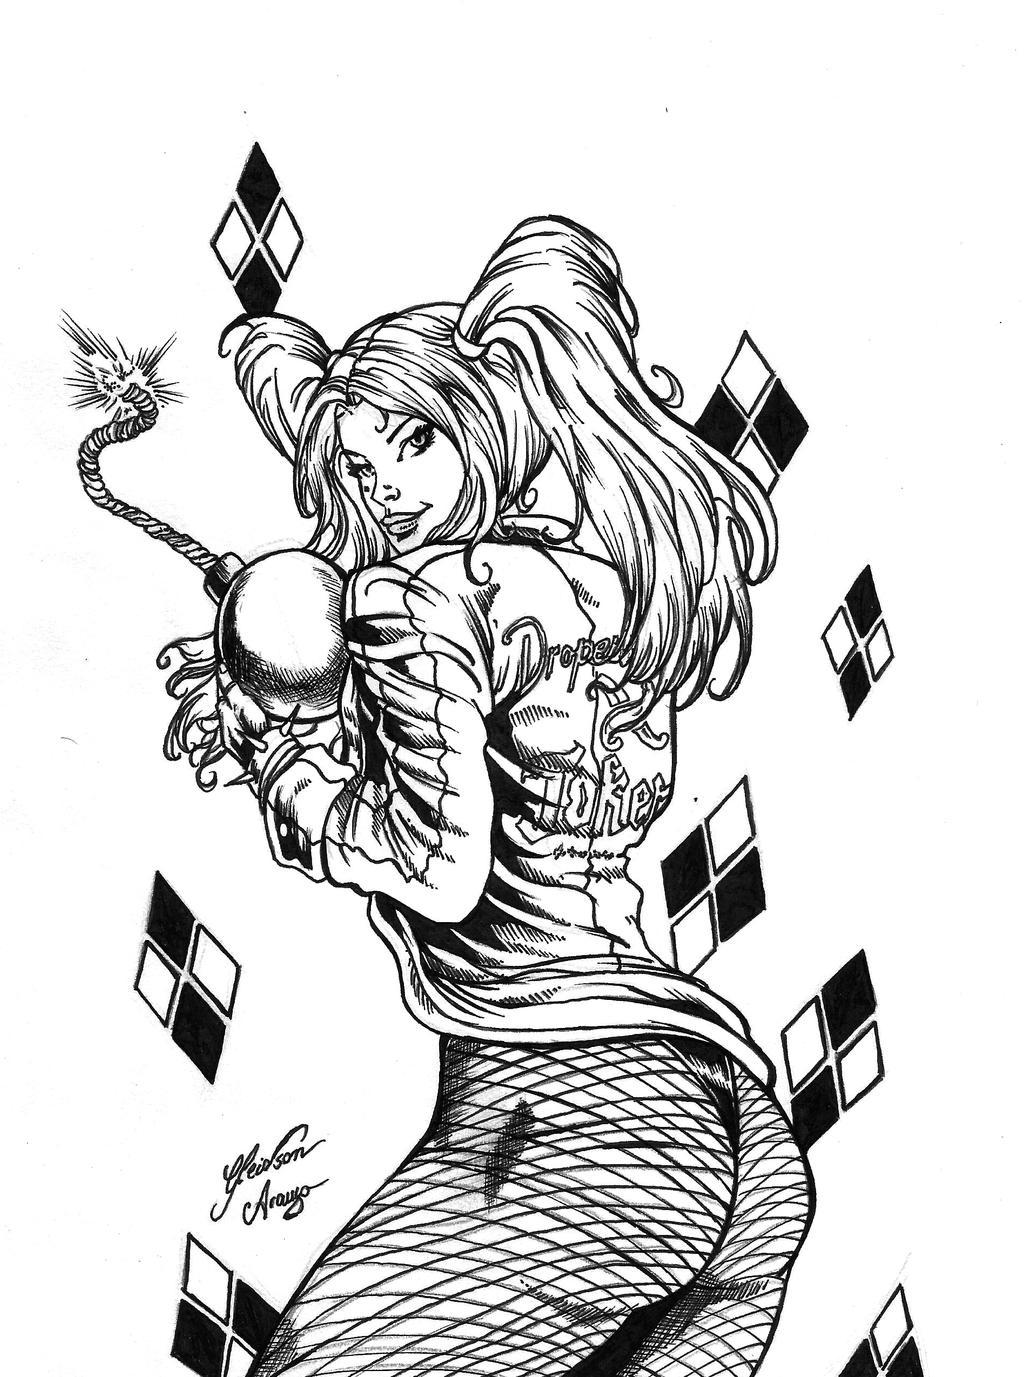 Quinn Line Art : Harley quinn ink by gleidsonaraujo on deviantart